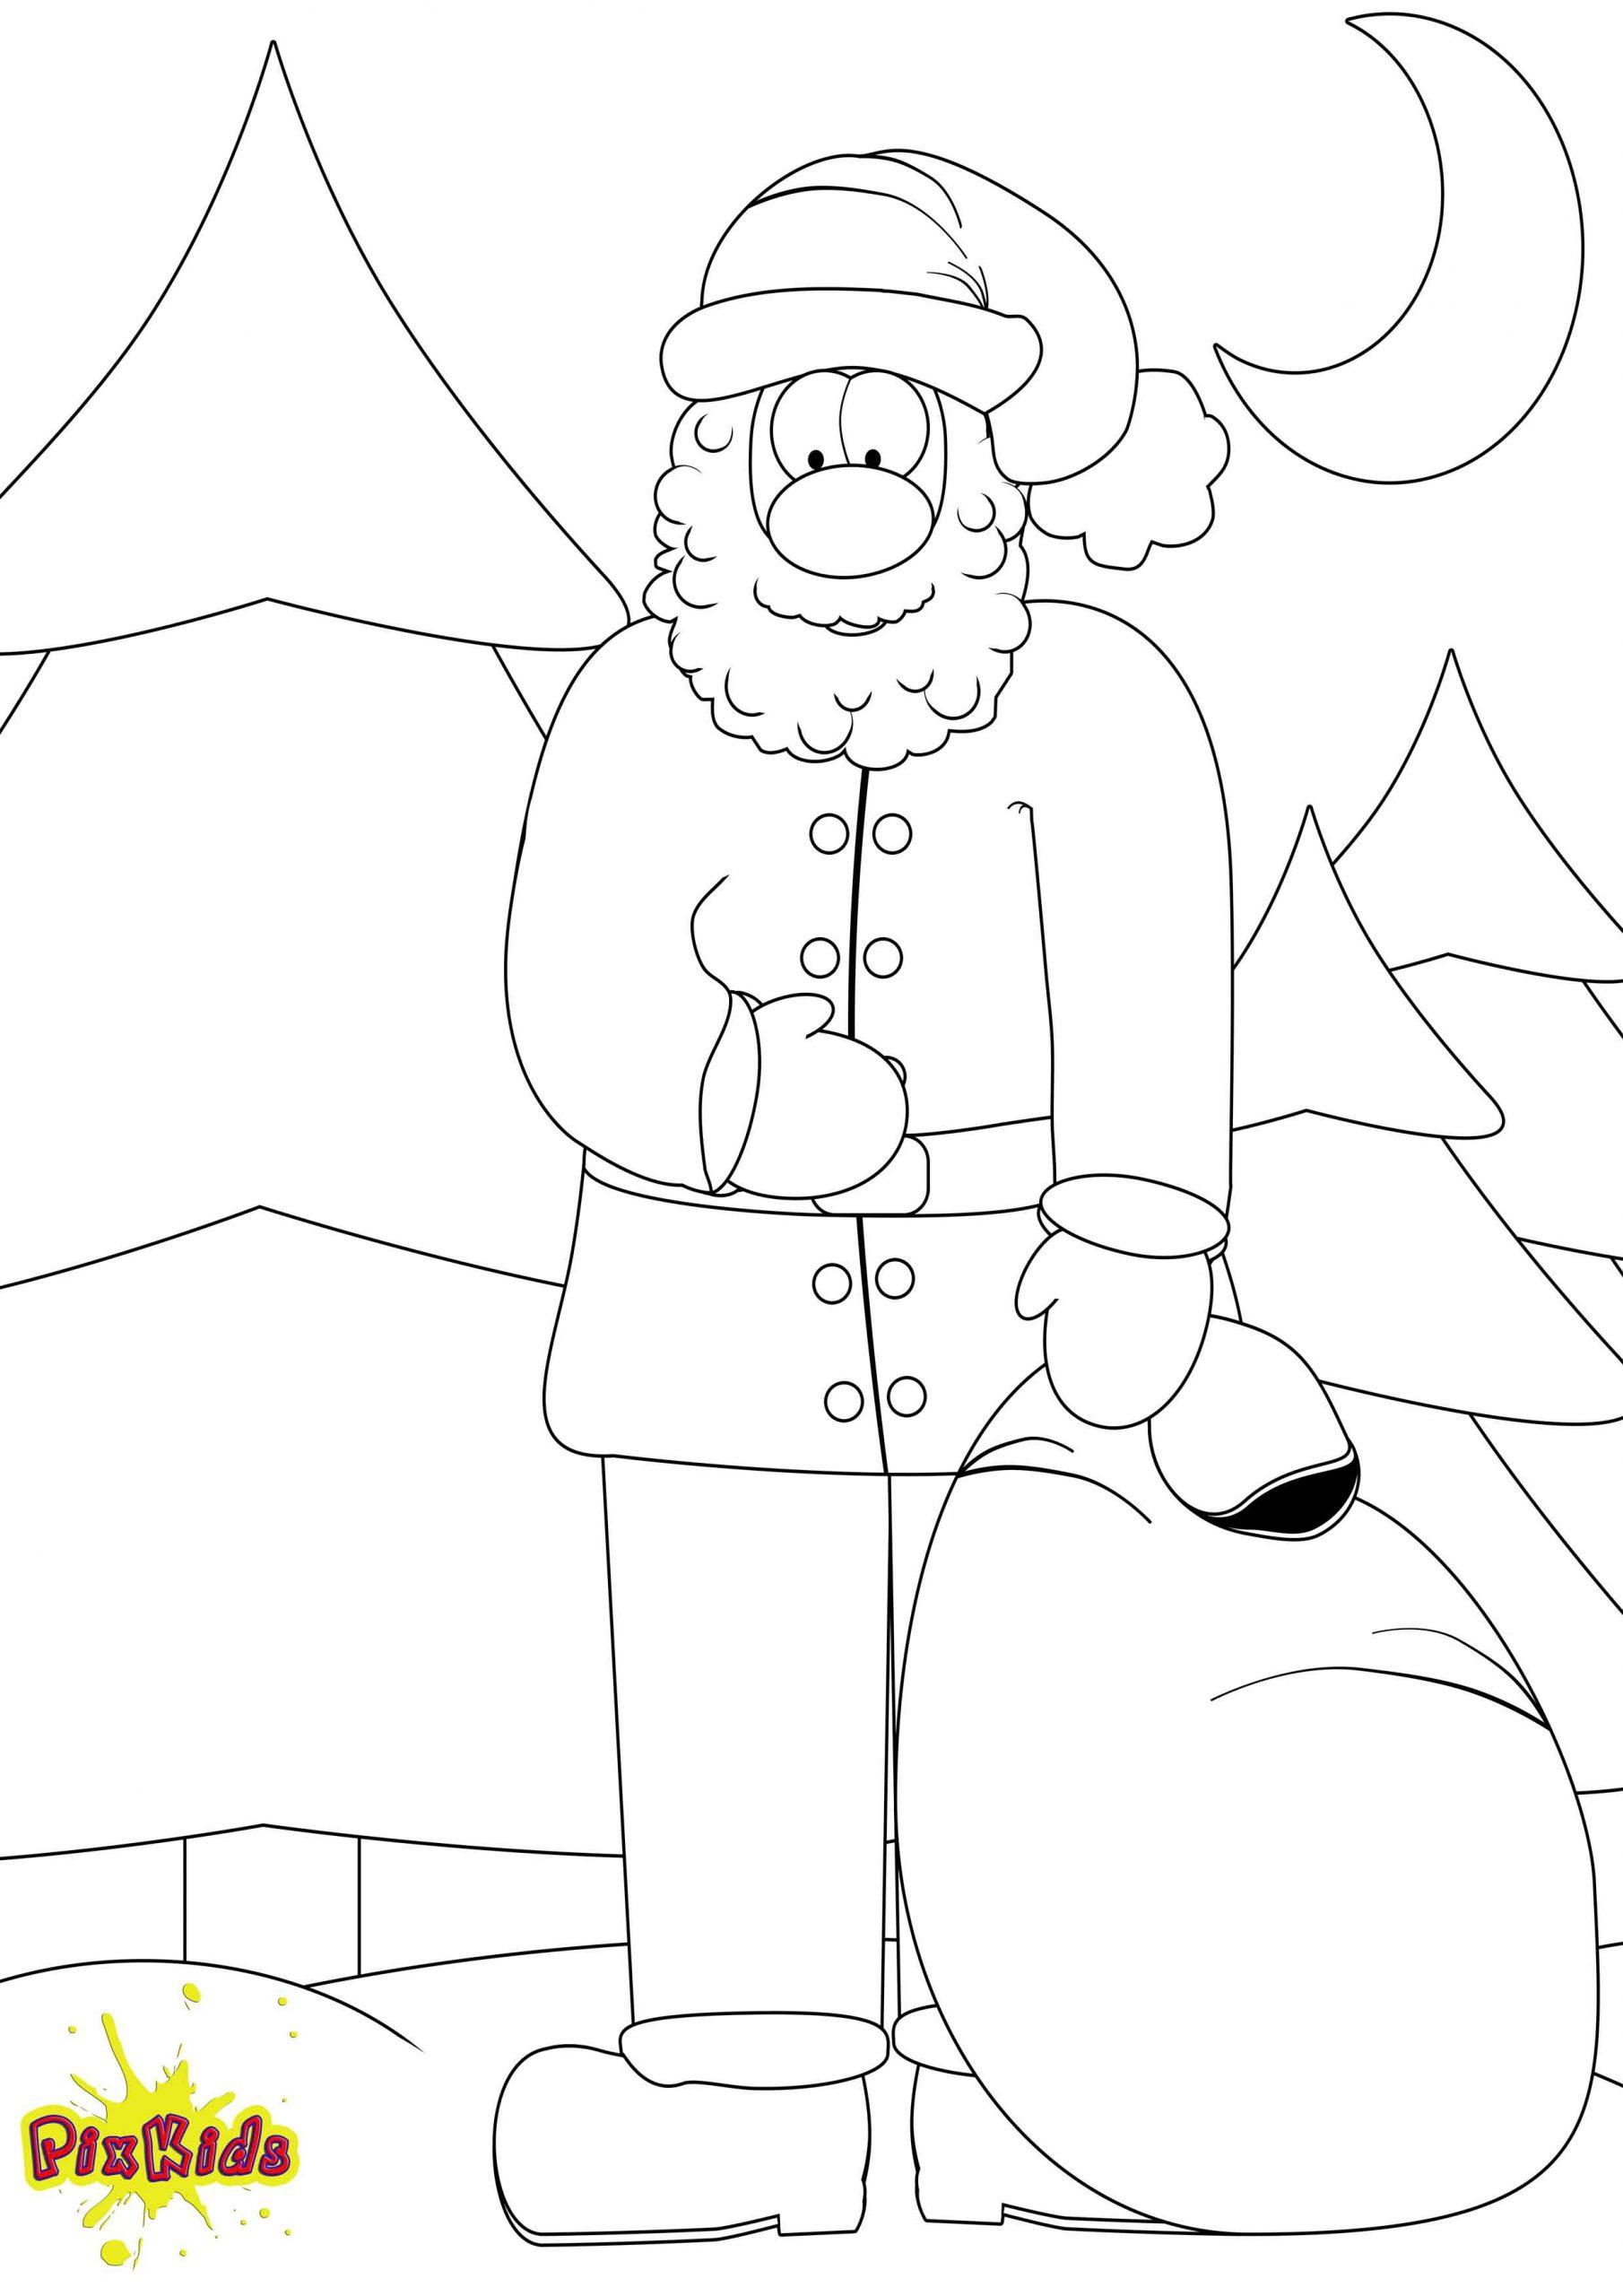 Ausmalbild Weihnachtsmann - Kostenlose Malvorlage in Malvorlage Weihnachtsmann